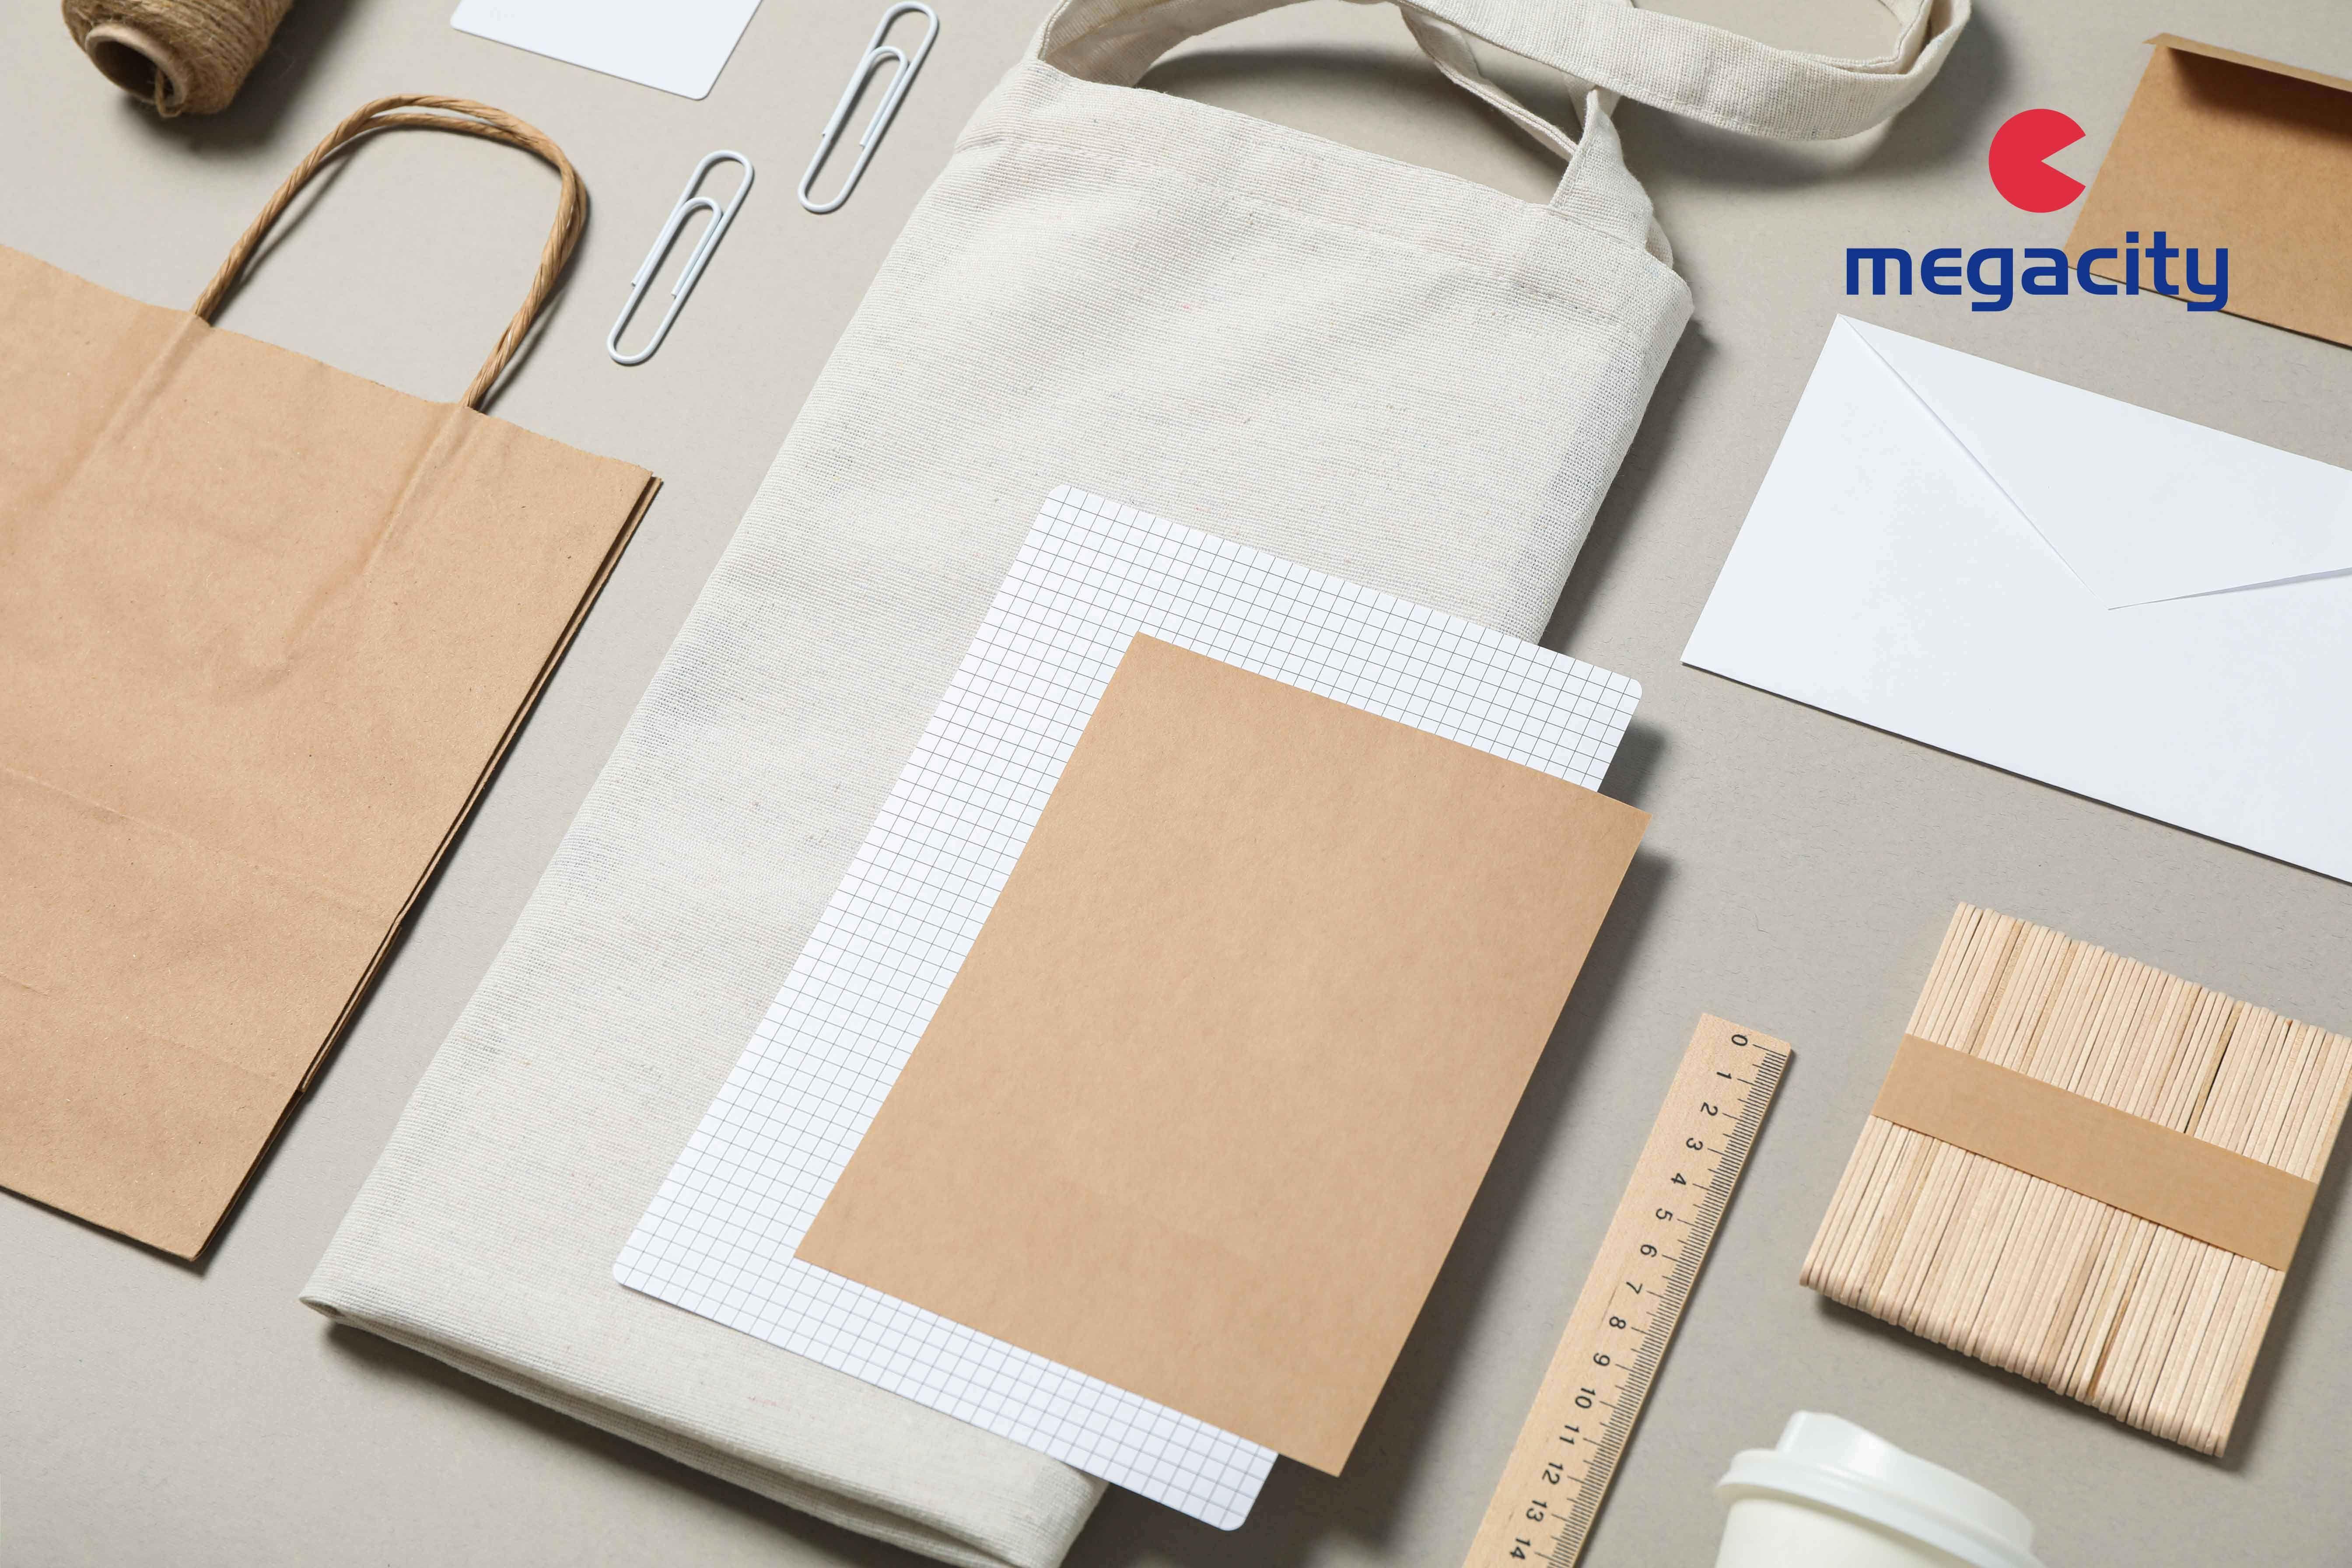 Megacity ofrece un nuevo servicio de impresión online